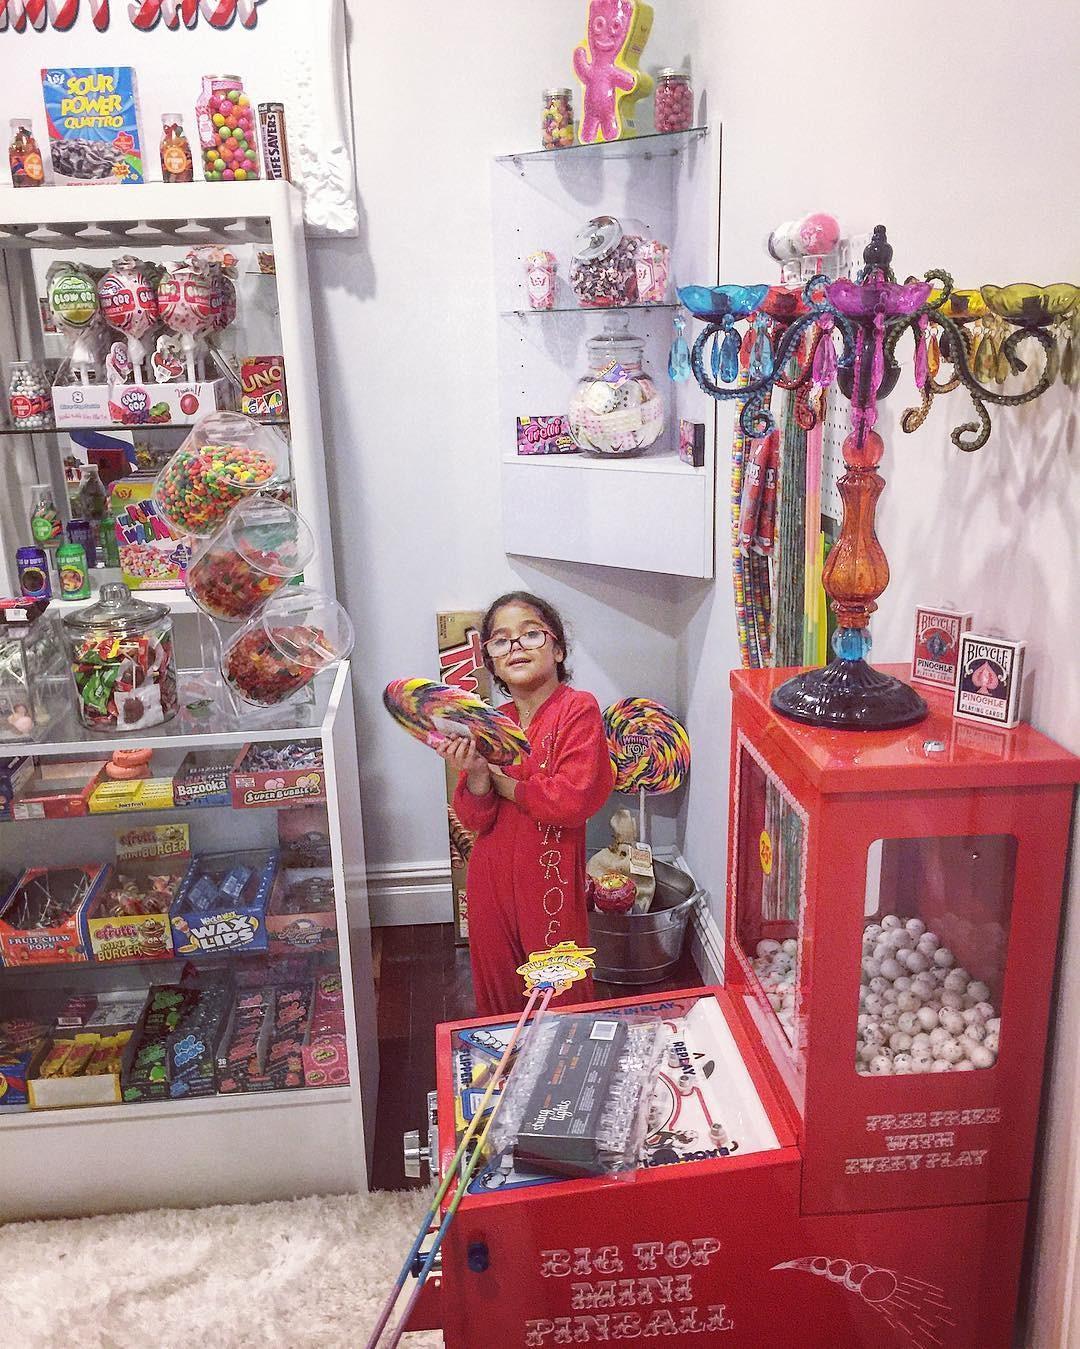 Monroe posa no seu quarto de doces (Foto: Reprodução)